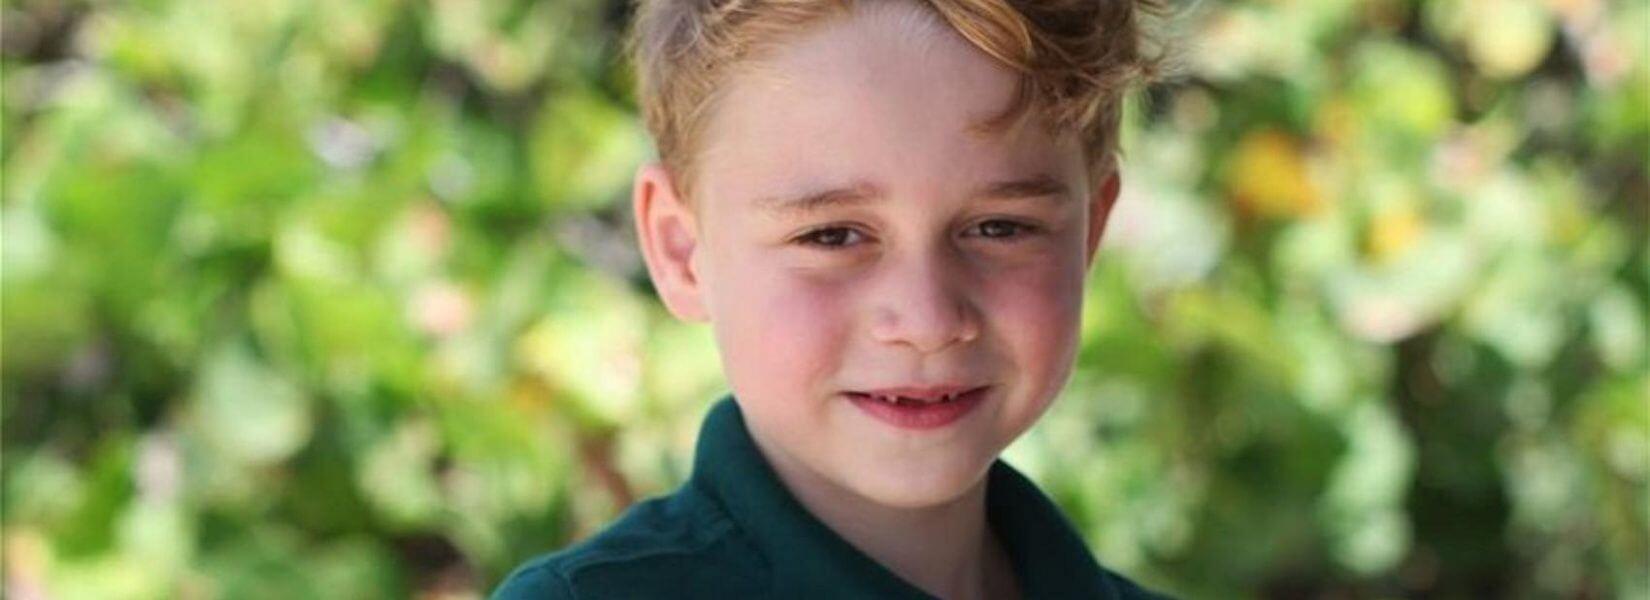 Ο πρίγκιπας Τζορτζ έγινε έξι ετών & έβγαλε τις πιο χαριτωμένες φωτογραφίες (φωτο)